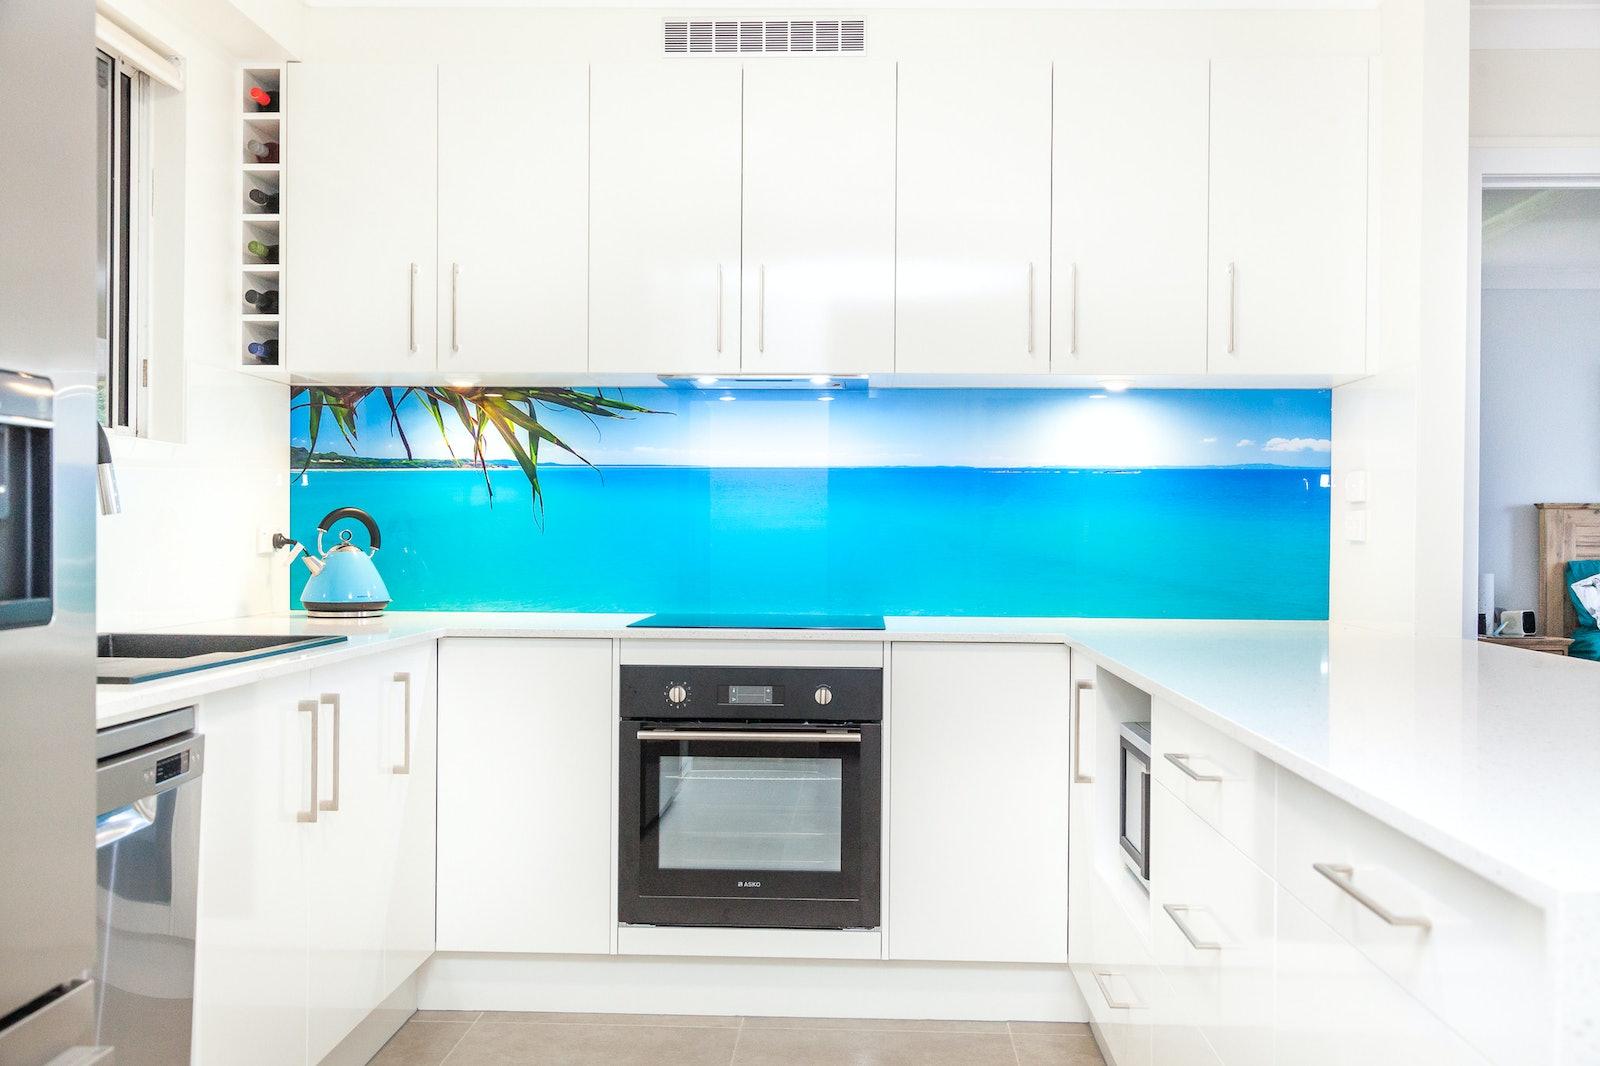 A-0010- New kitchen with Straddie splashback - Julie Sisco Photography